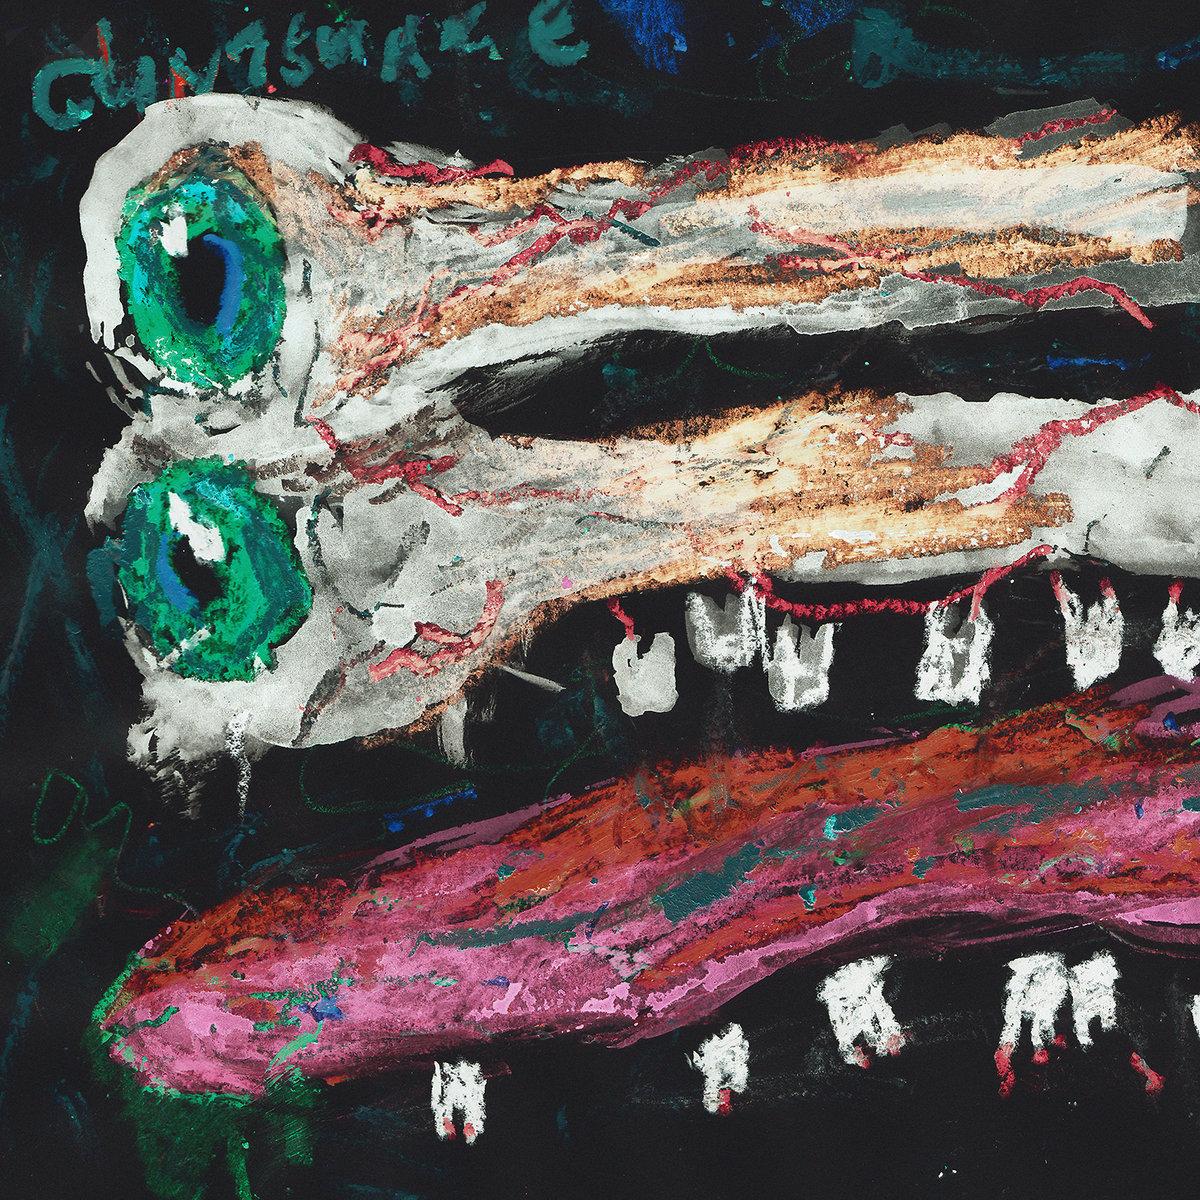 GLINTSHAKE выпустили дебютный полноформатный альбом